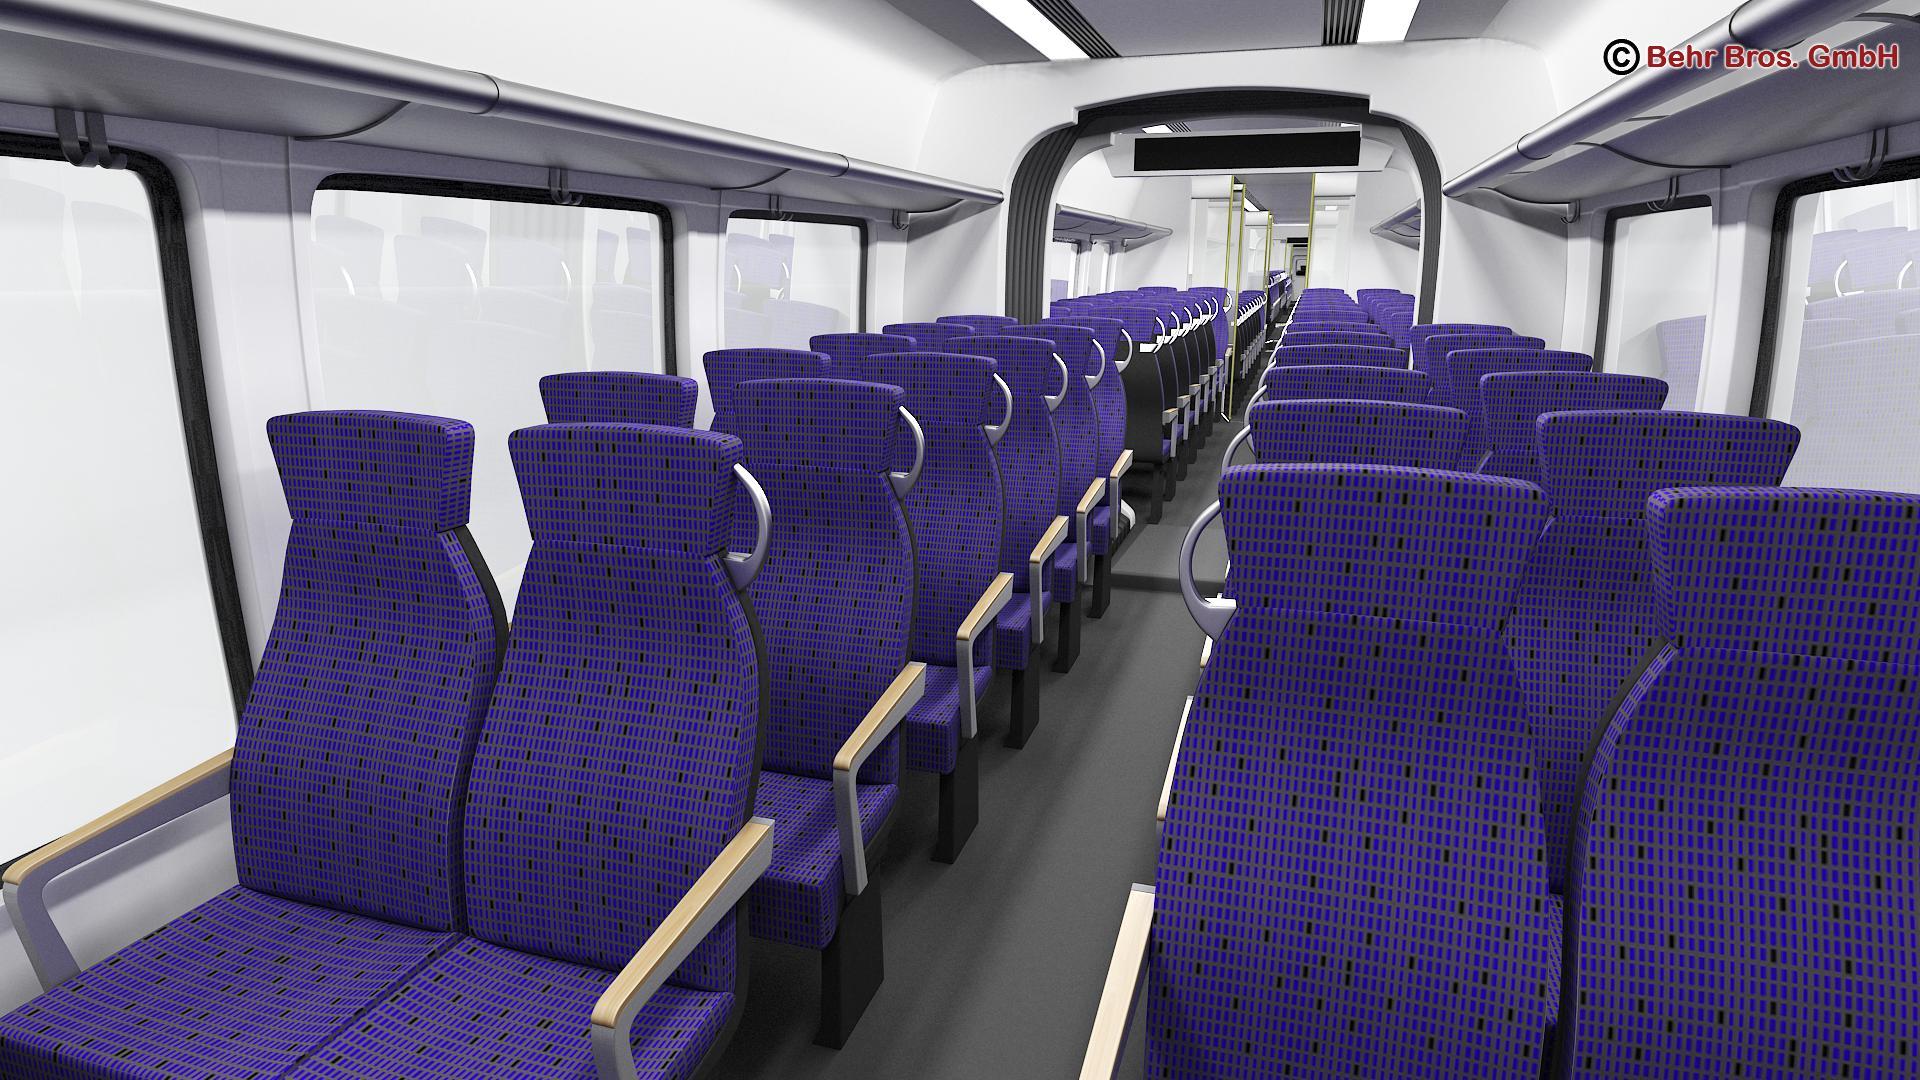 generic commuter train 3d model 3ds max fbx c4d ma mb obj 206642